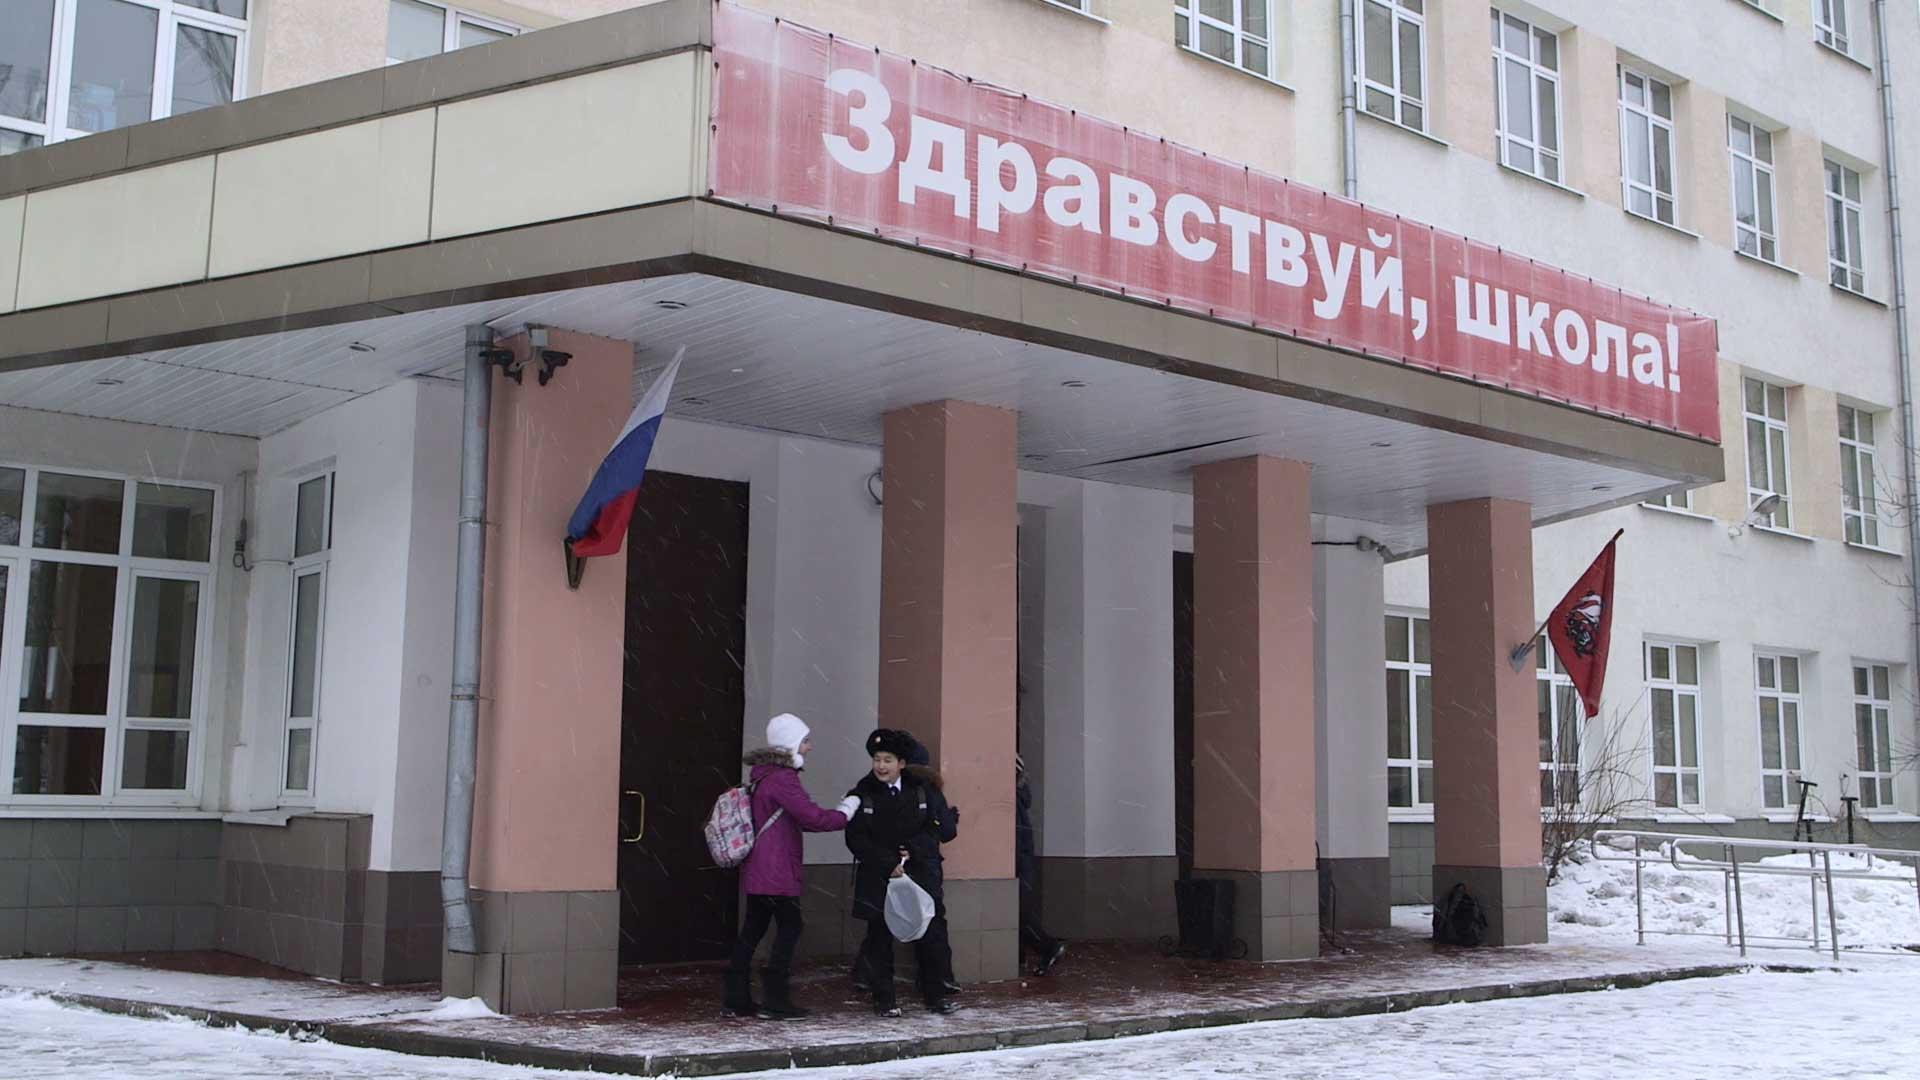 La escuela N° 1231 del centro de Moscú, una de las que brinda entrenamiento militar después de clase.